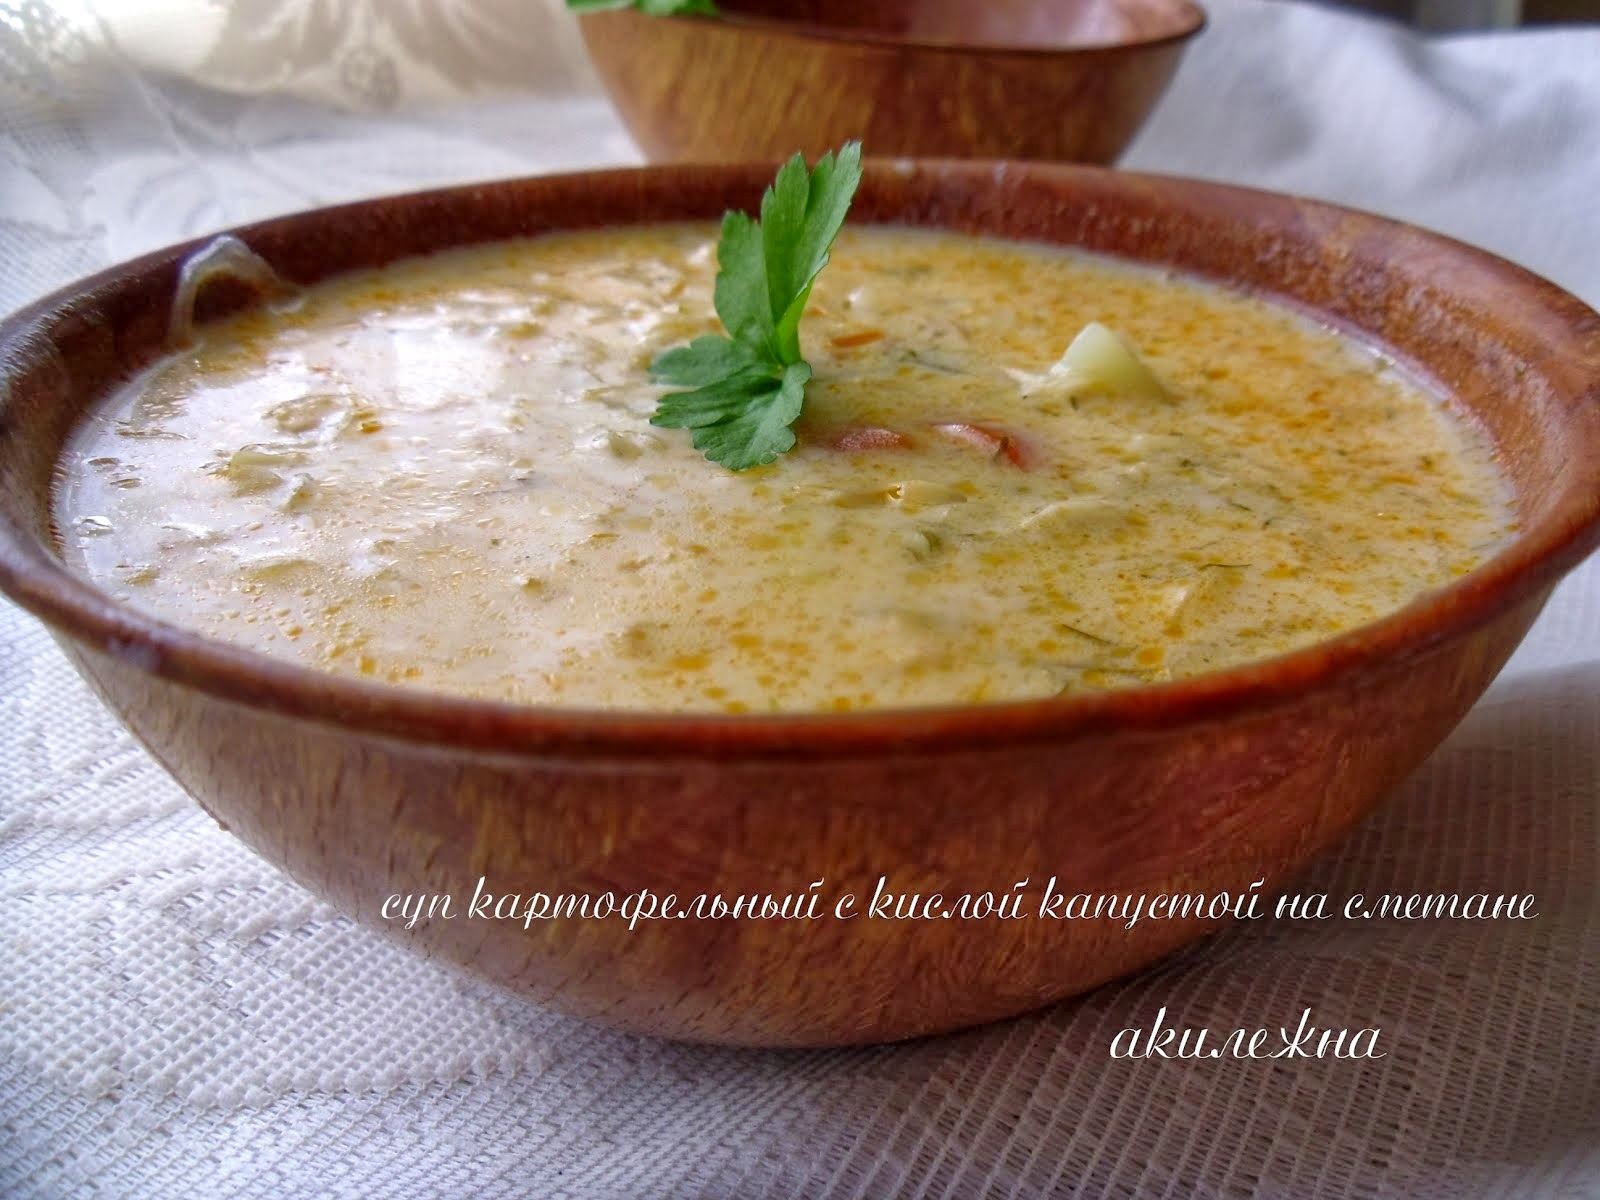 Суп картофельный с кислой капустой на сметане